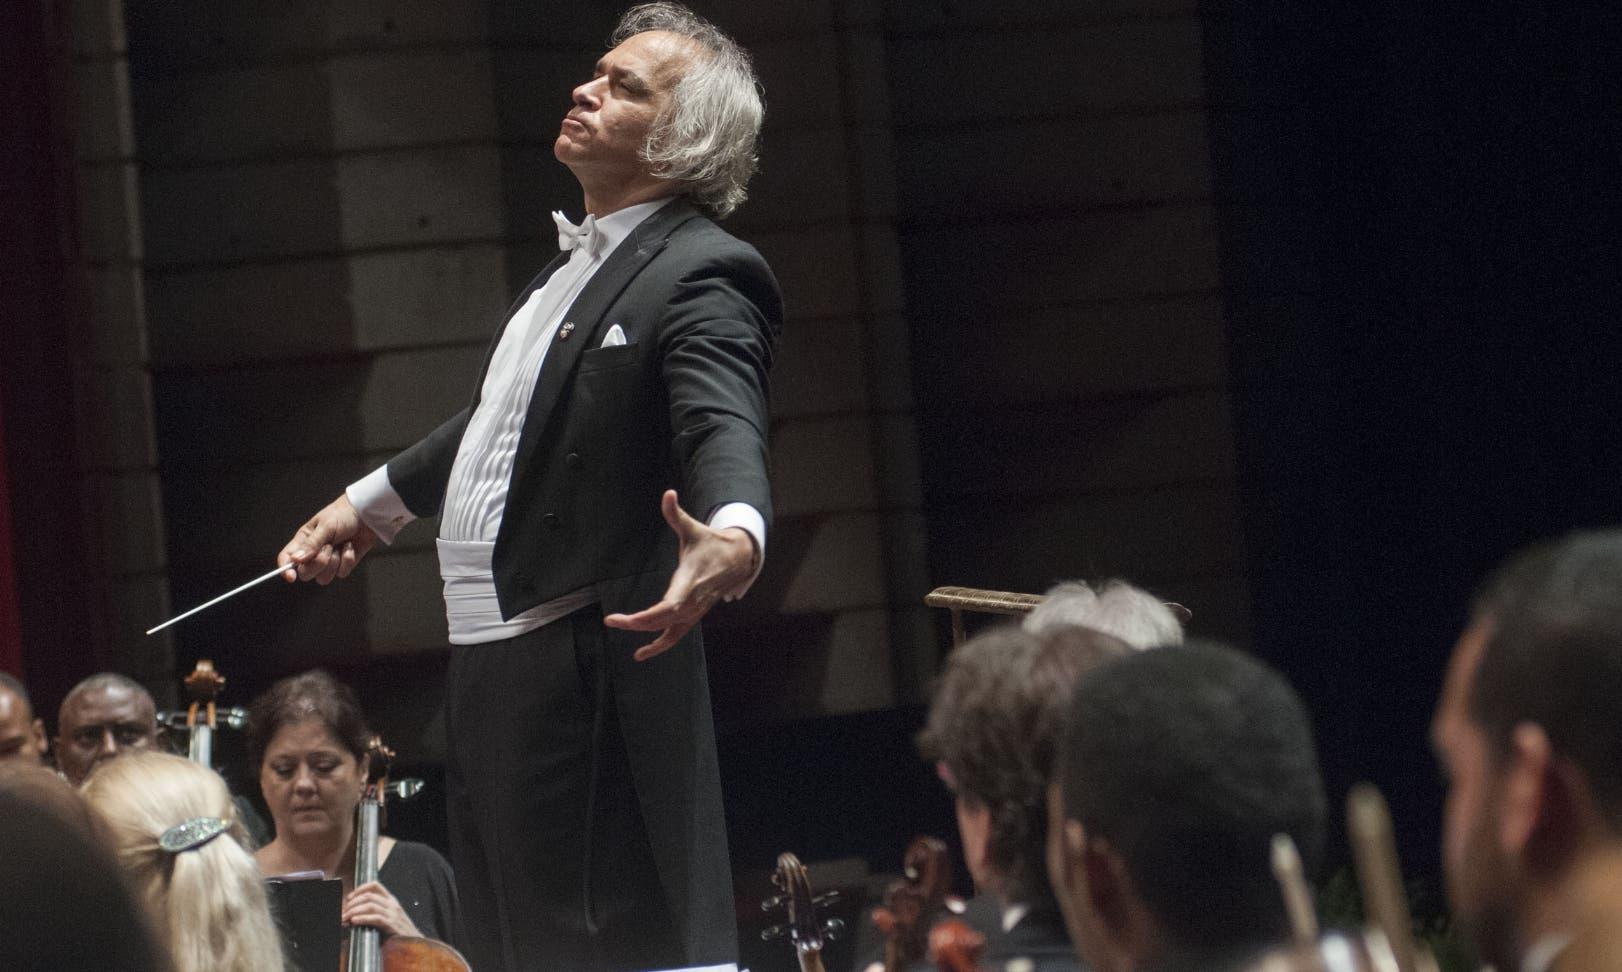 Temporada Sinfónica, con música de grandes maestros